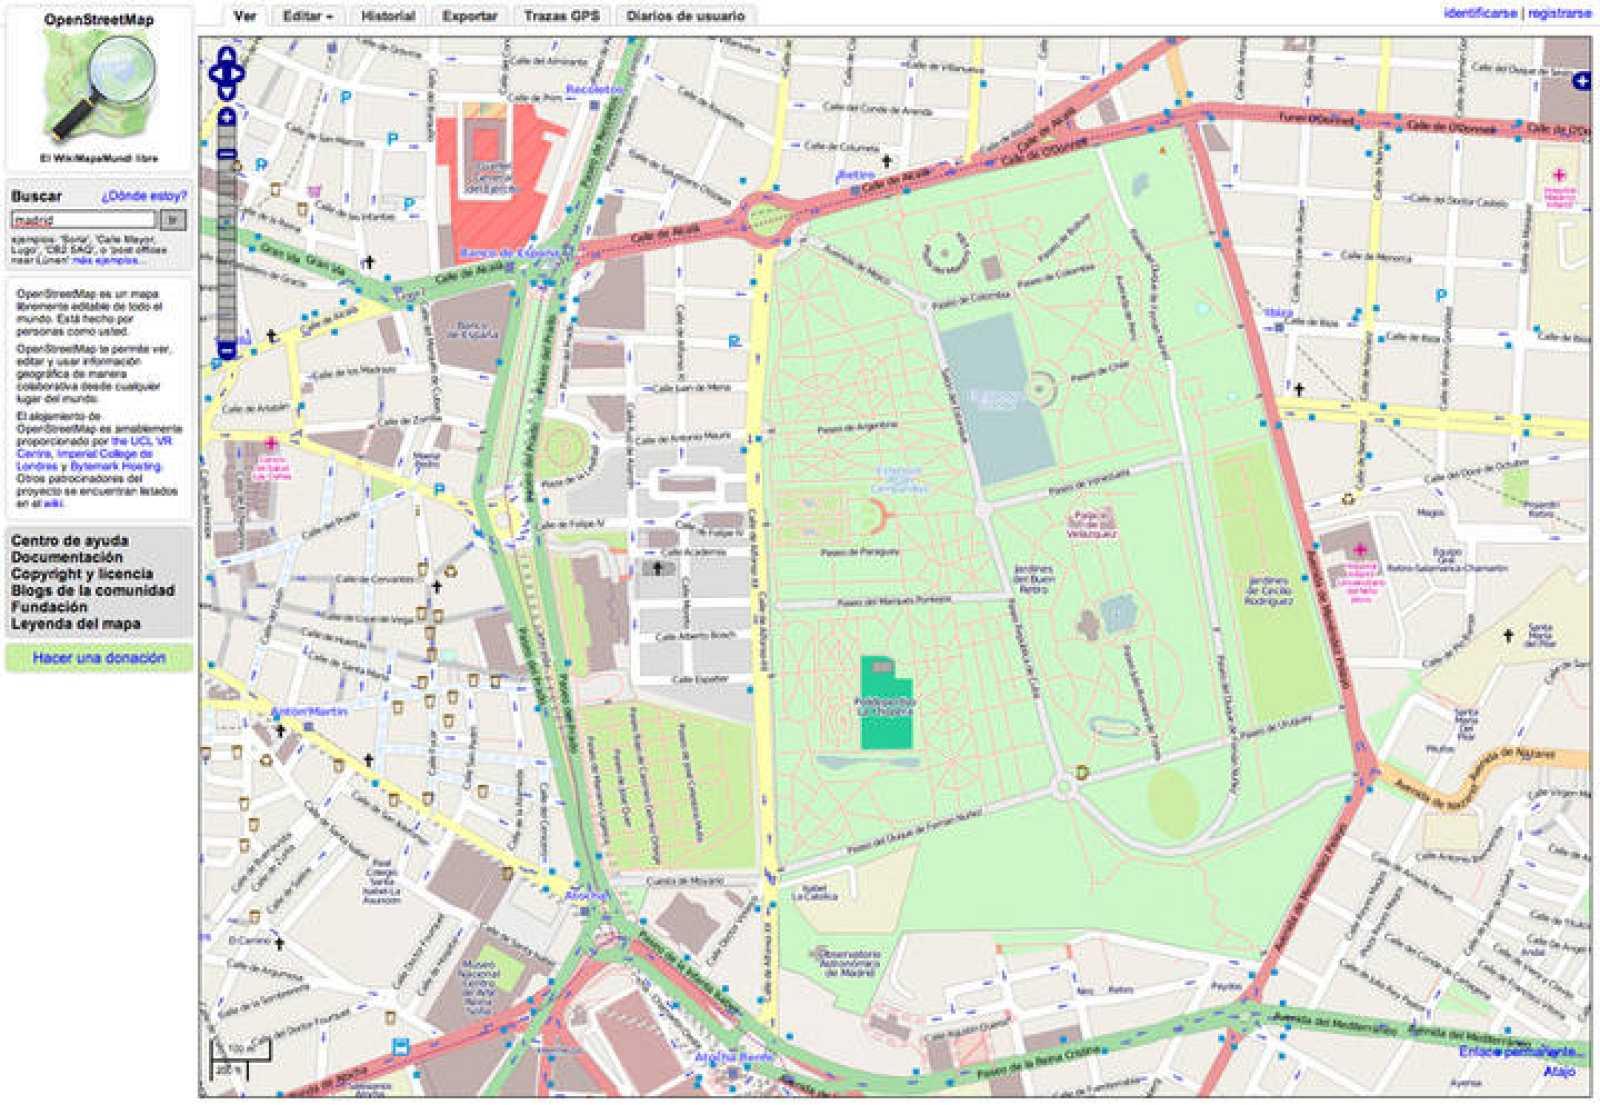 Así se ve un mapa del centro de Madrid en OpenStreetMap